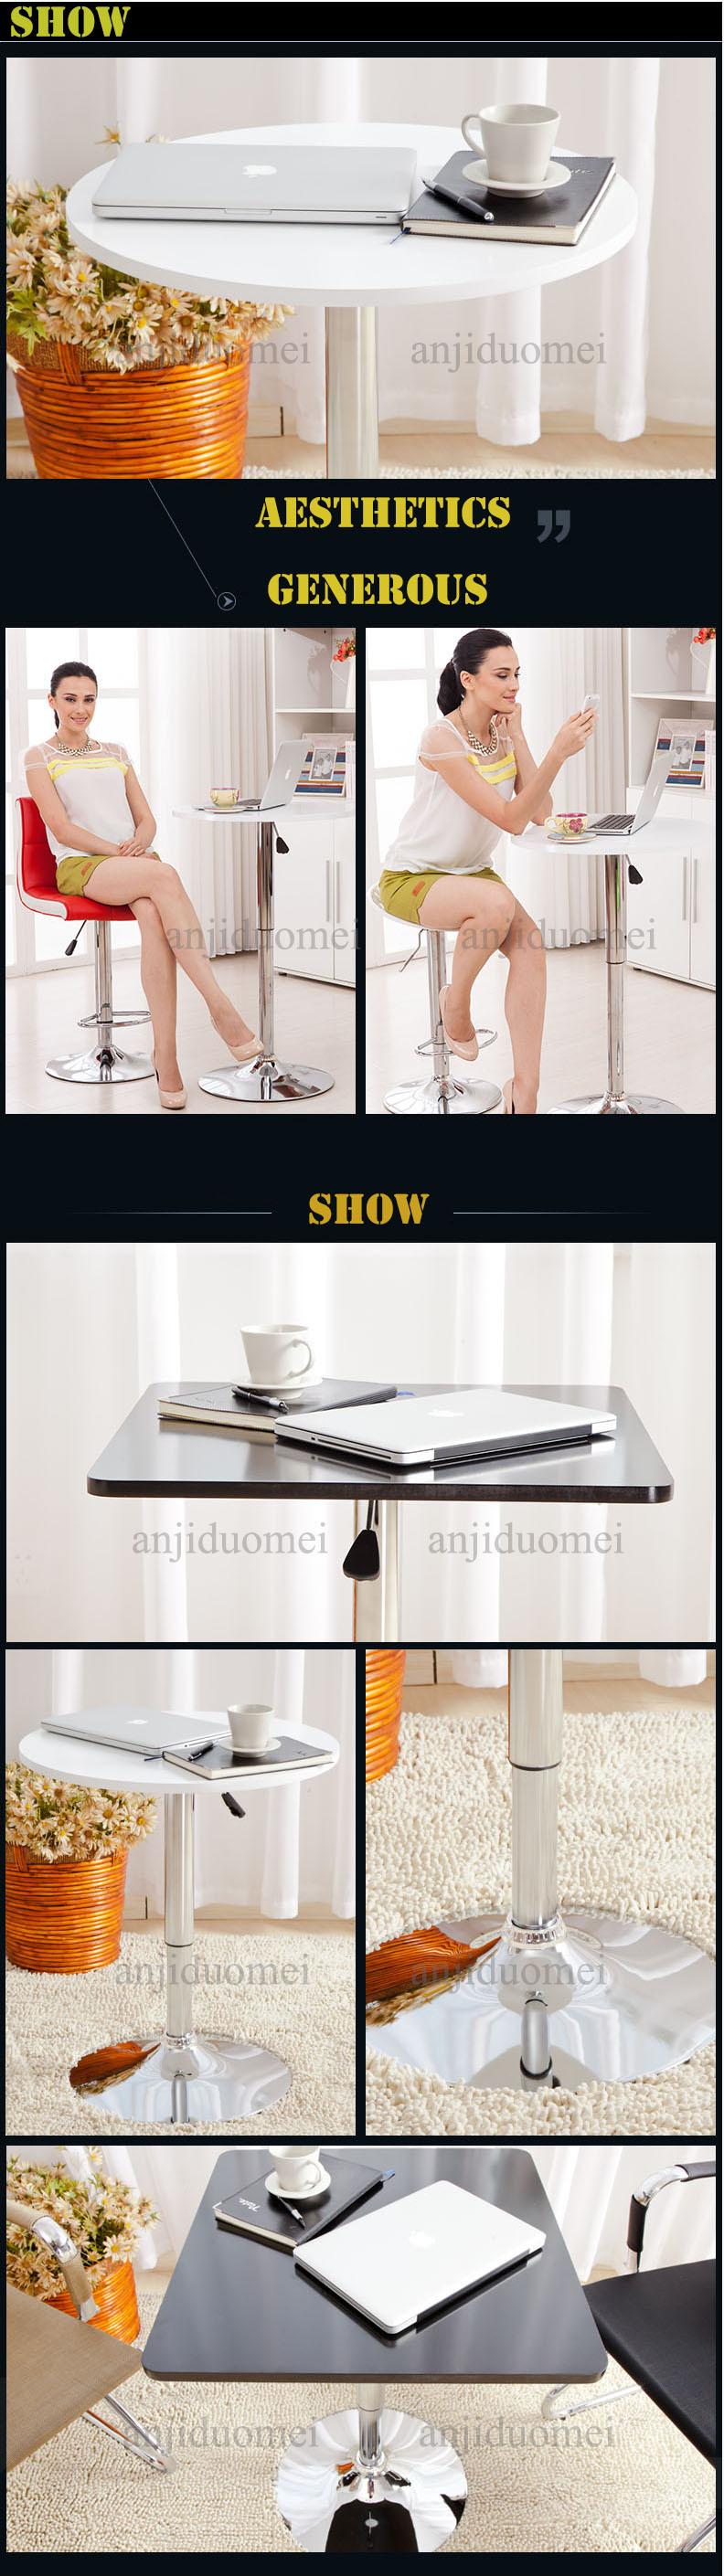 도매 스테인레스 스틸 바 테이블/ plastic 둥근 테이블/ ABS 테이블 ...